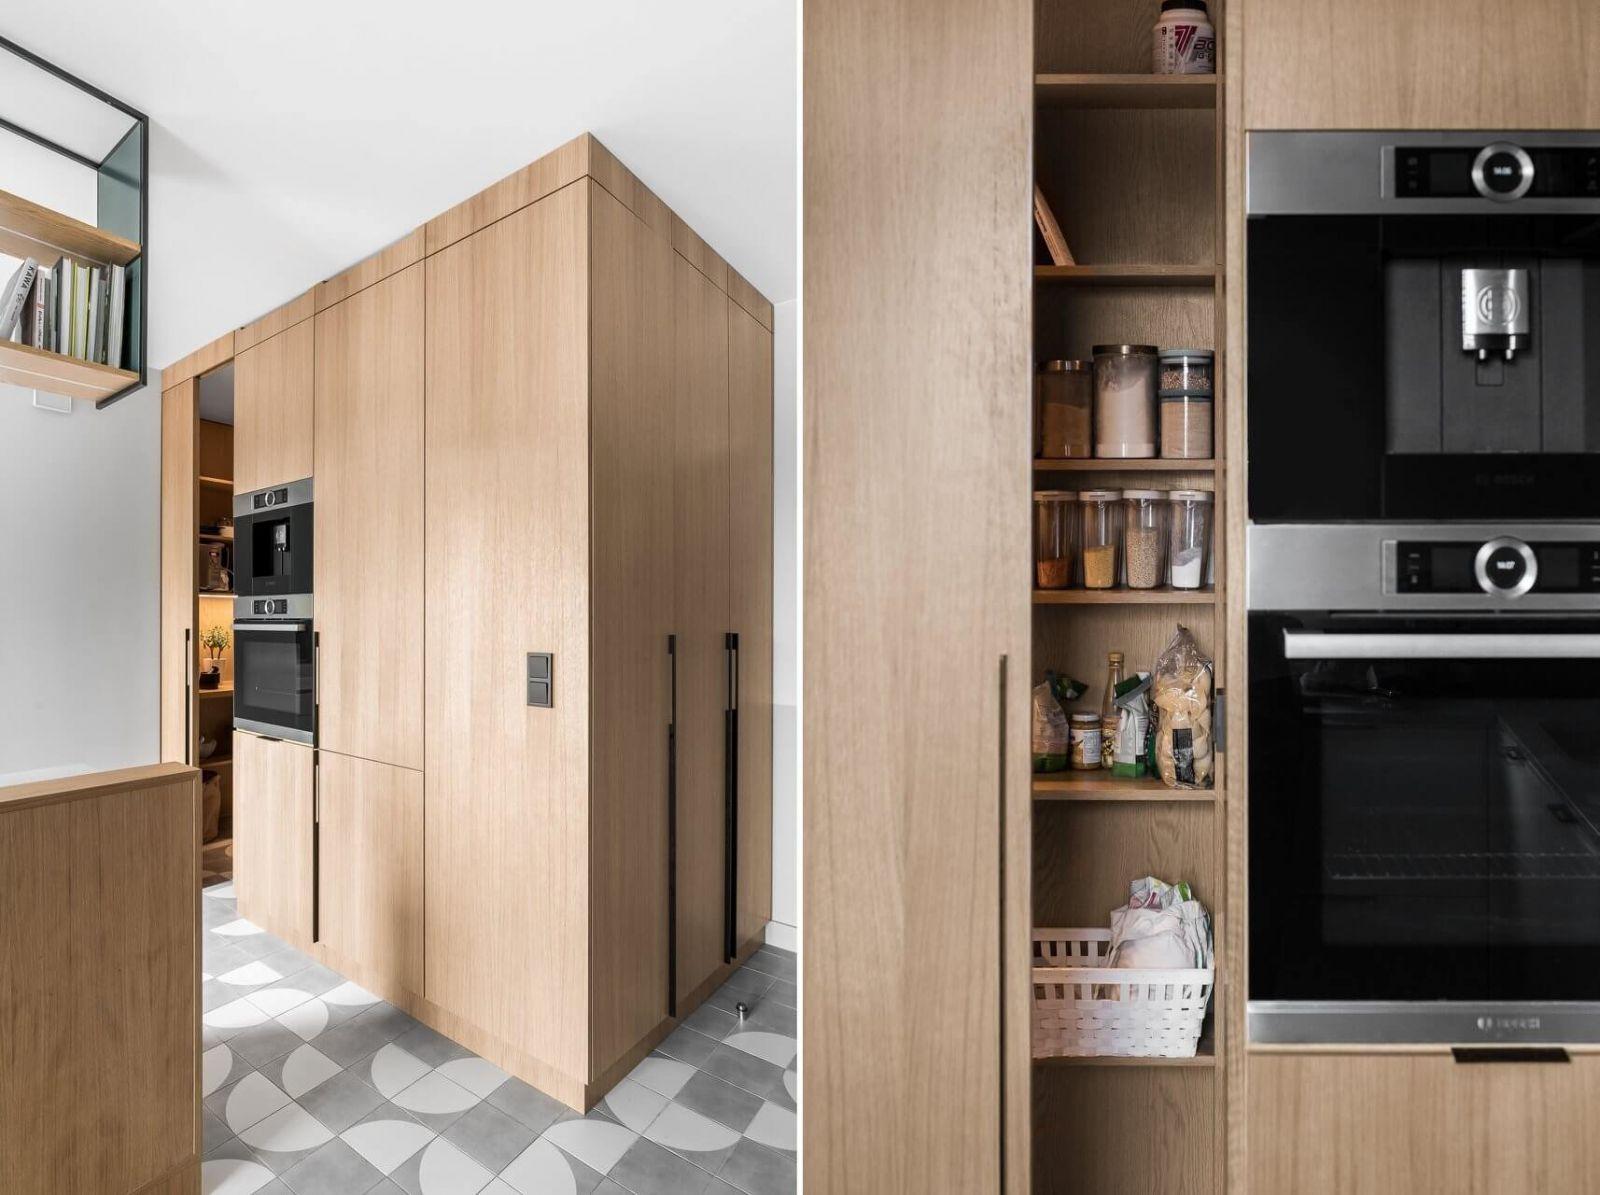 Чтобы сэкономить площадь сразу при входе в квартиру разместили двухсторонний шкаф, одна сторона которого является частью кухонного пространства, а другая – гардеробом для хранения вещей в прихожей.